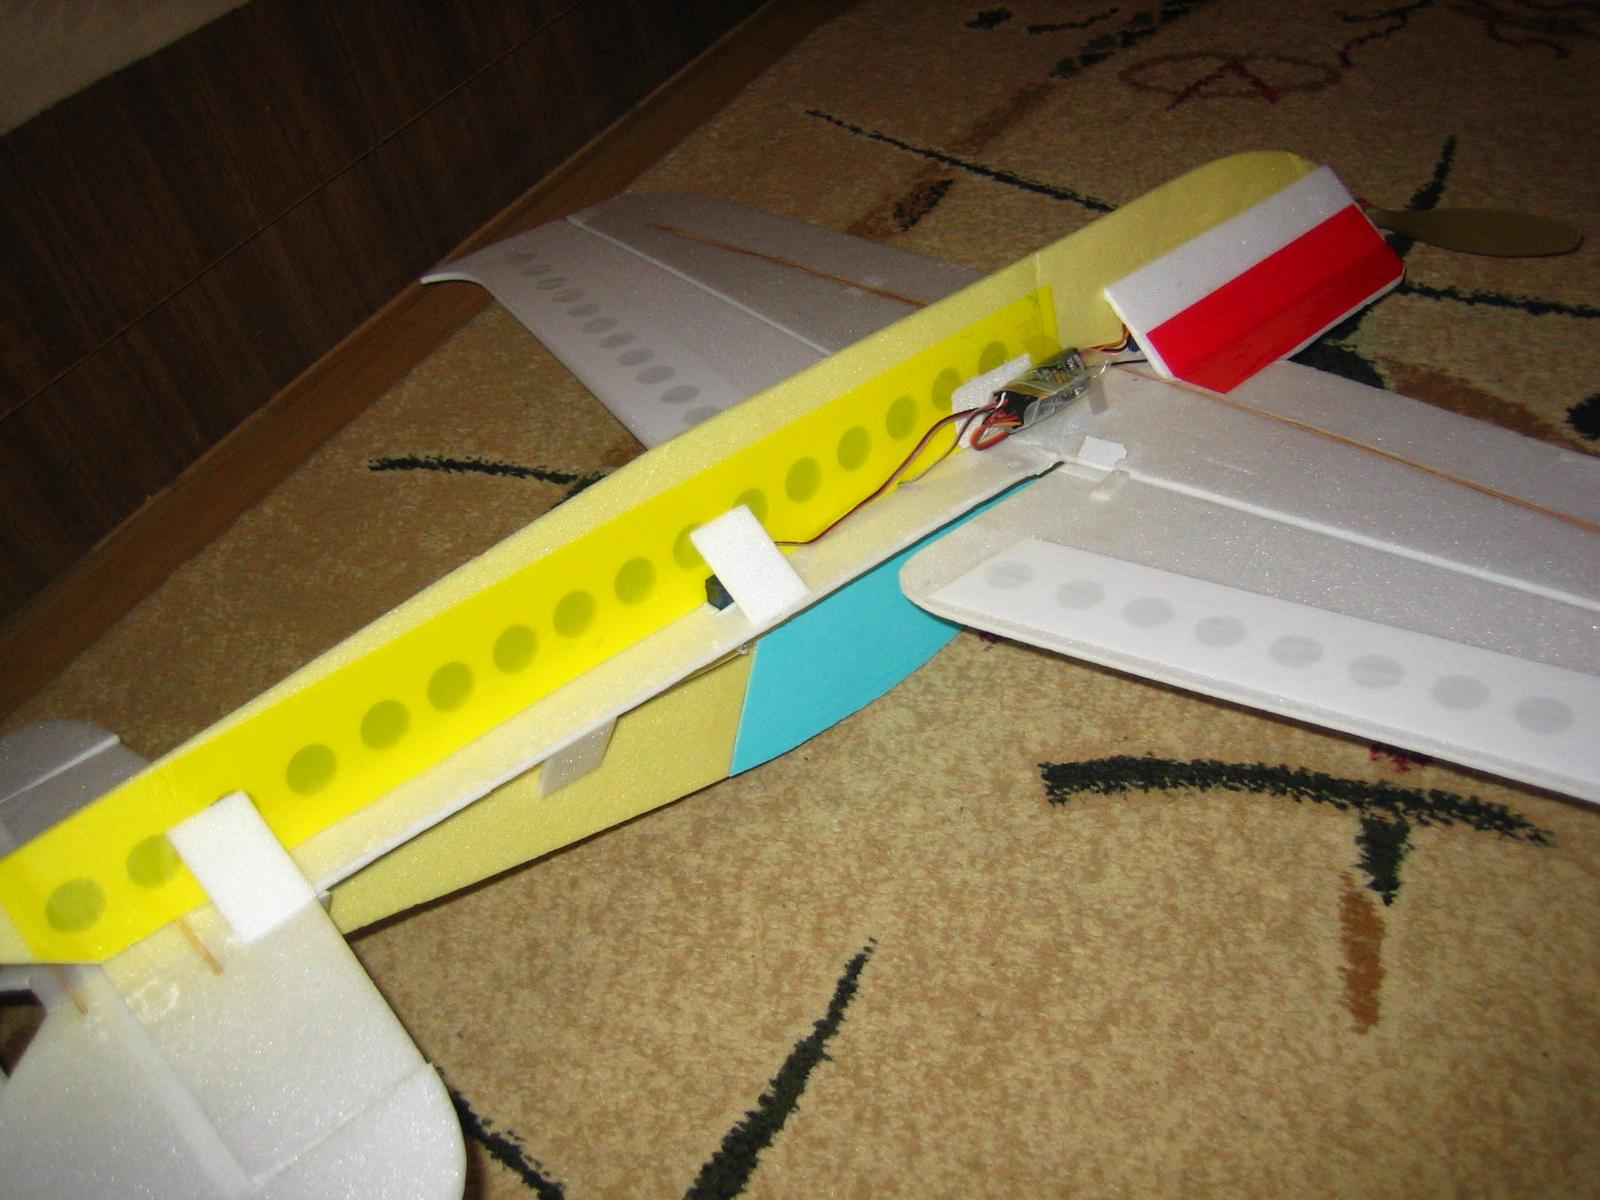 Как сделать управляемый бумажный самолетик - МозгоЧины 88